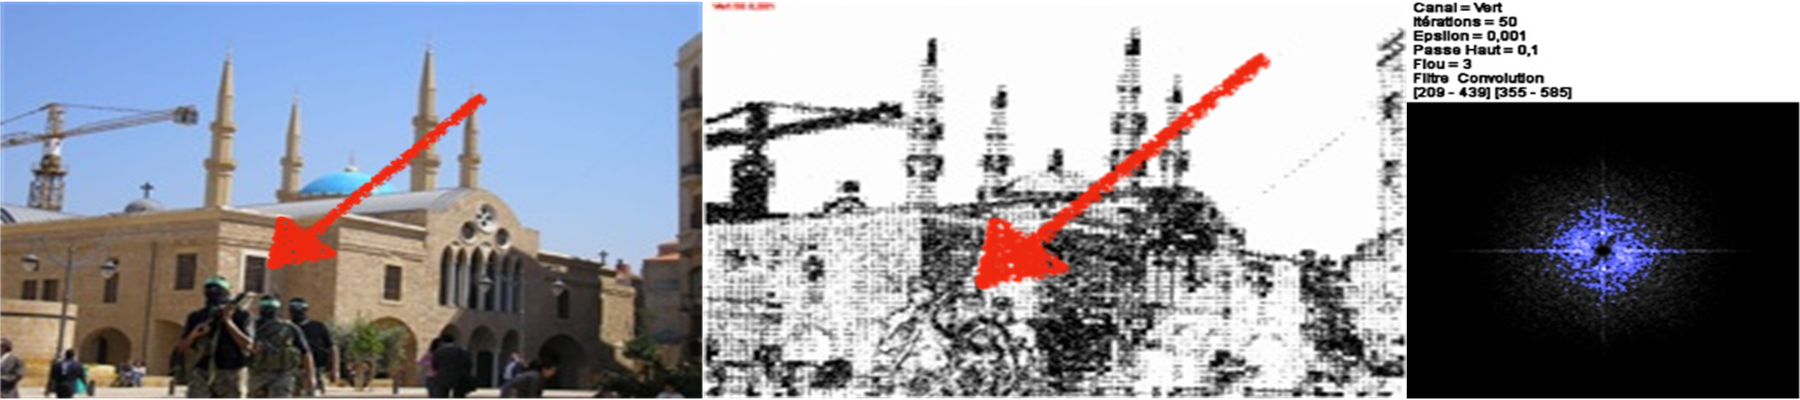 image_manipulation_example_5